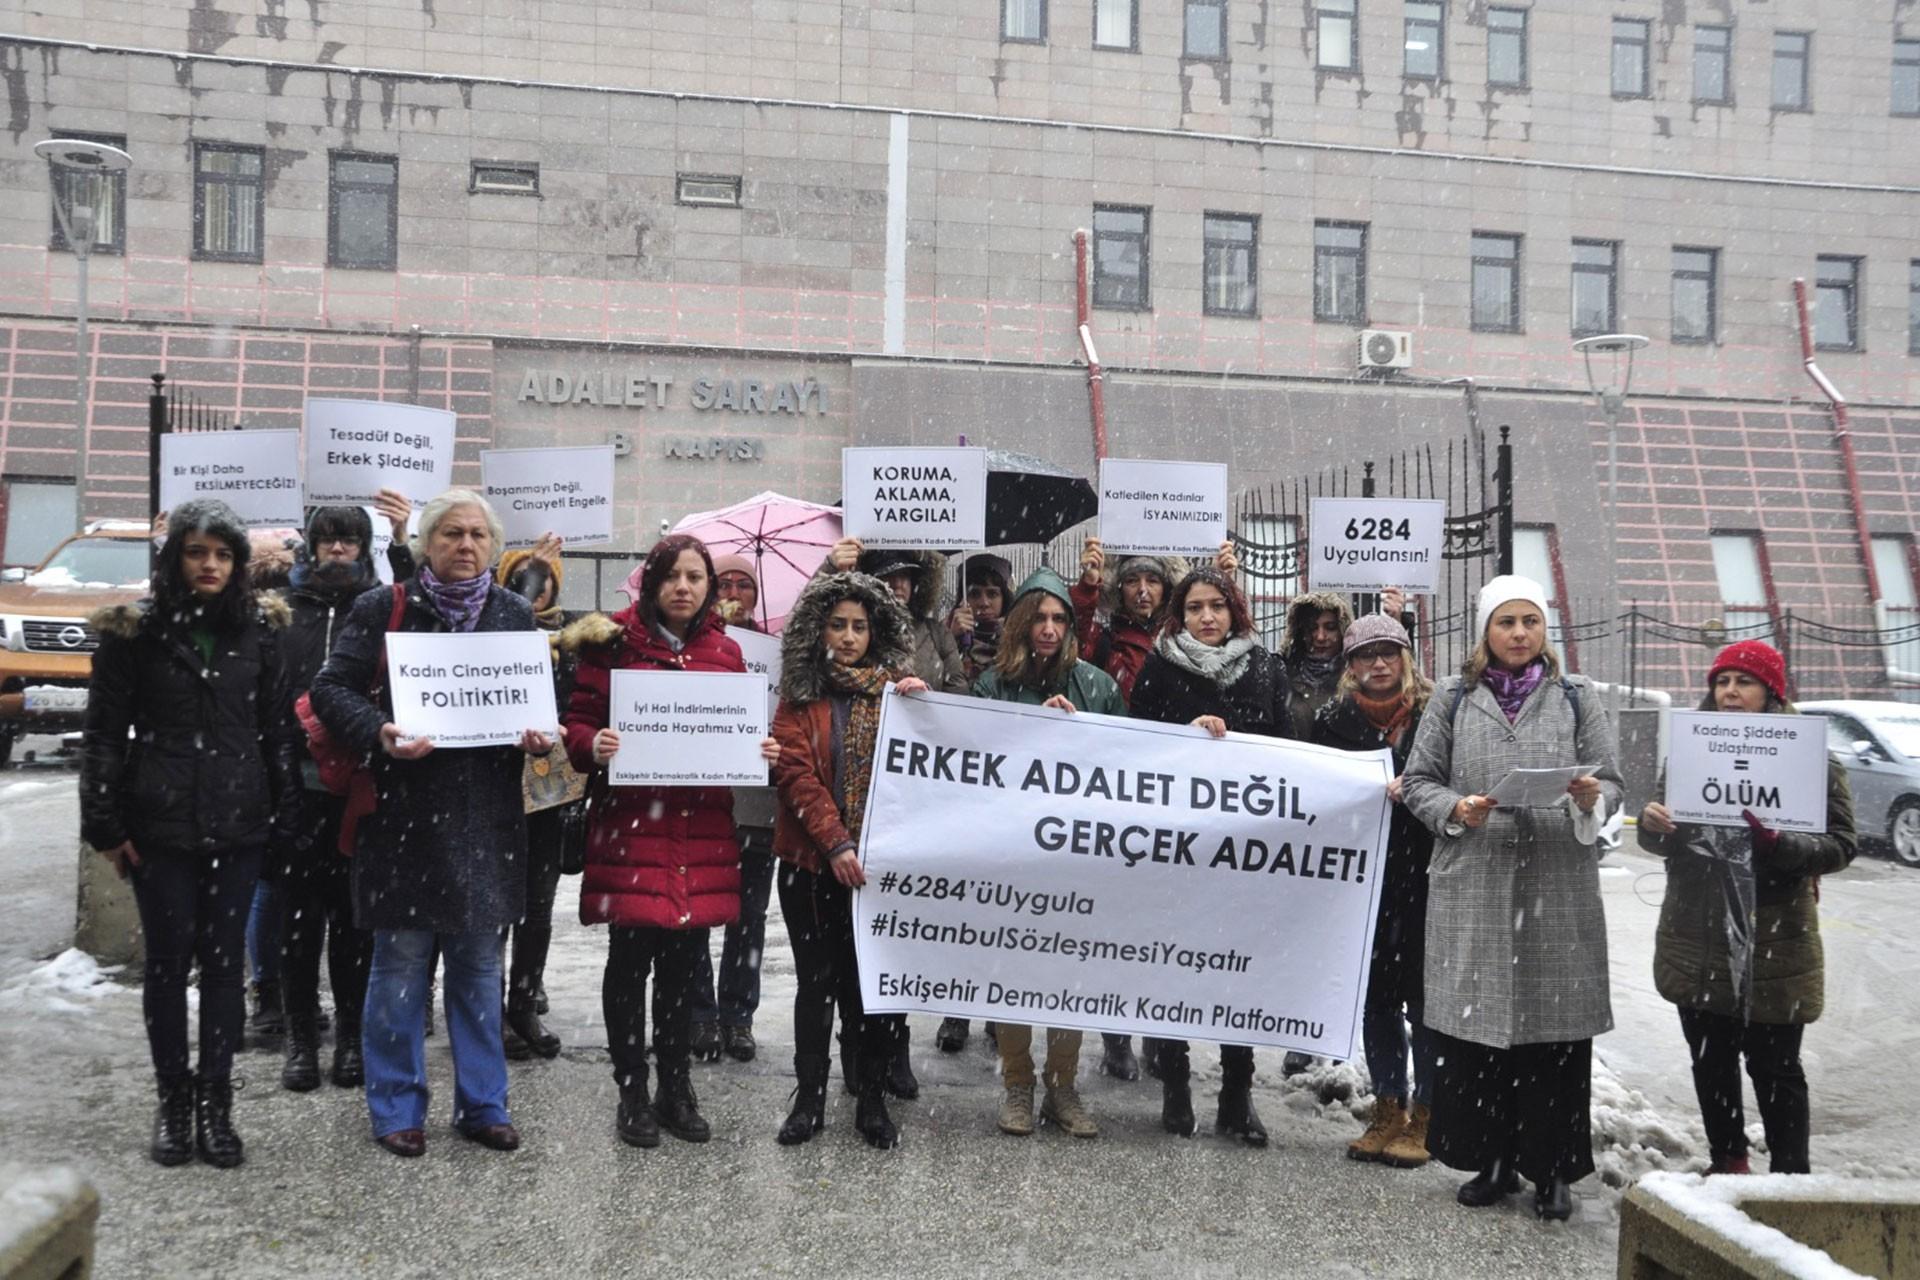 Eskişehir'de Adliye Sarayı önünde kadınlar, Ayşe Tuba Arslan için eylem yaptı